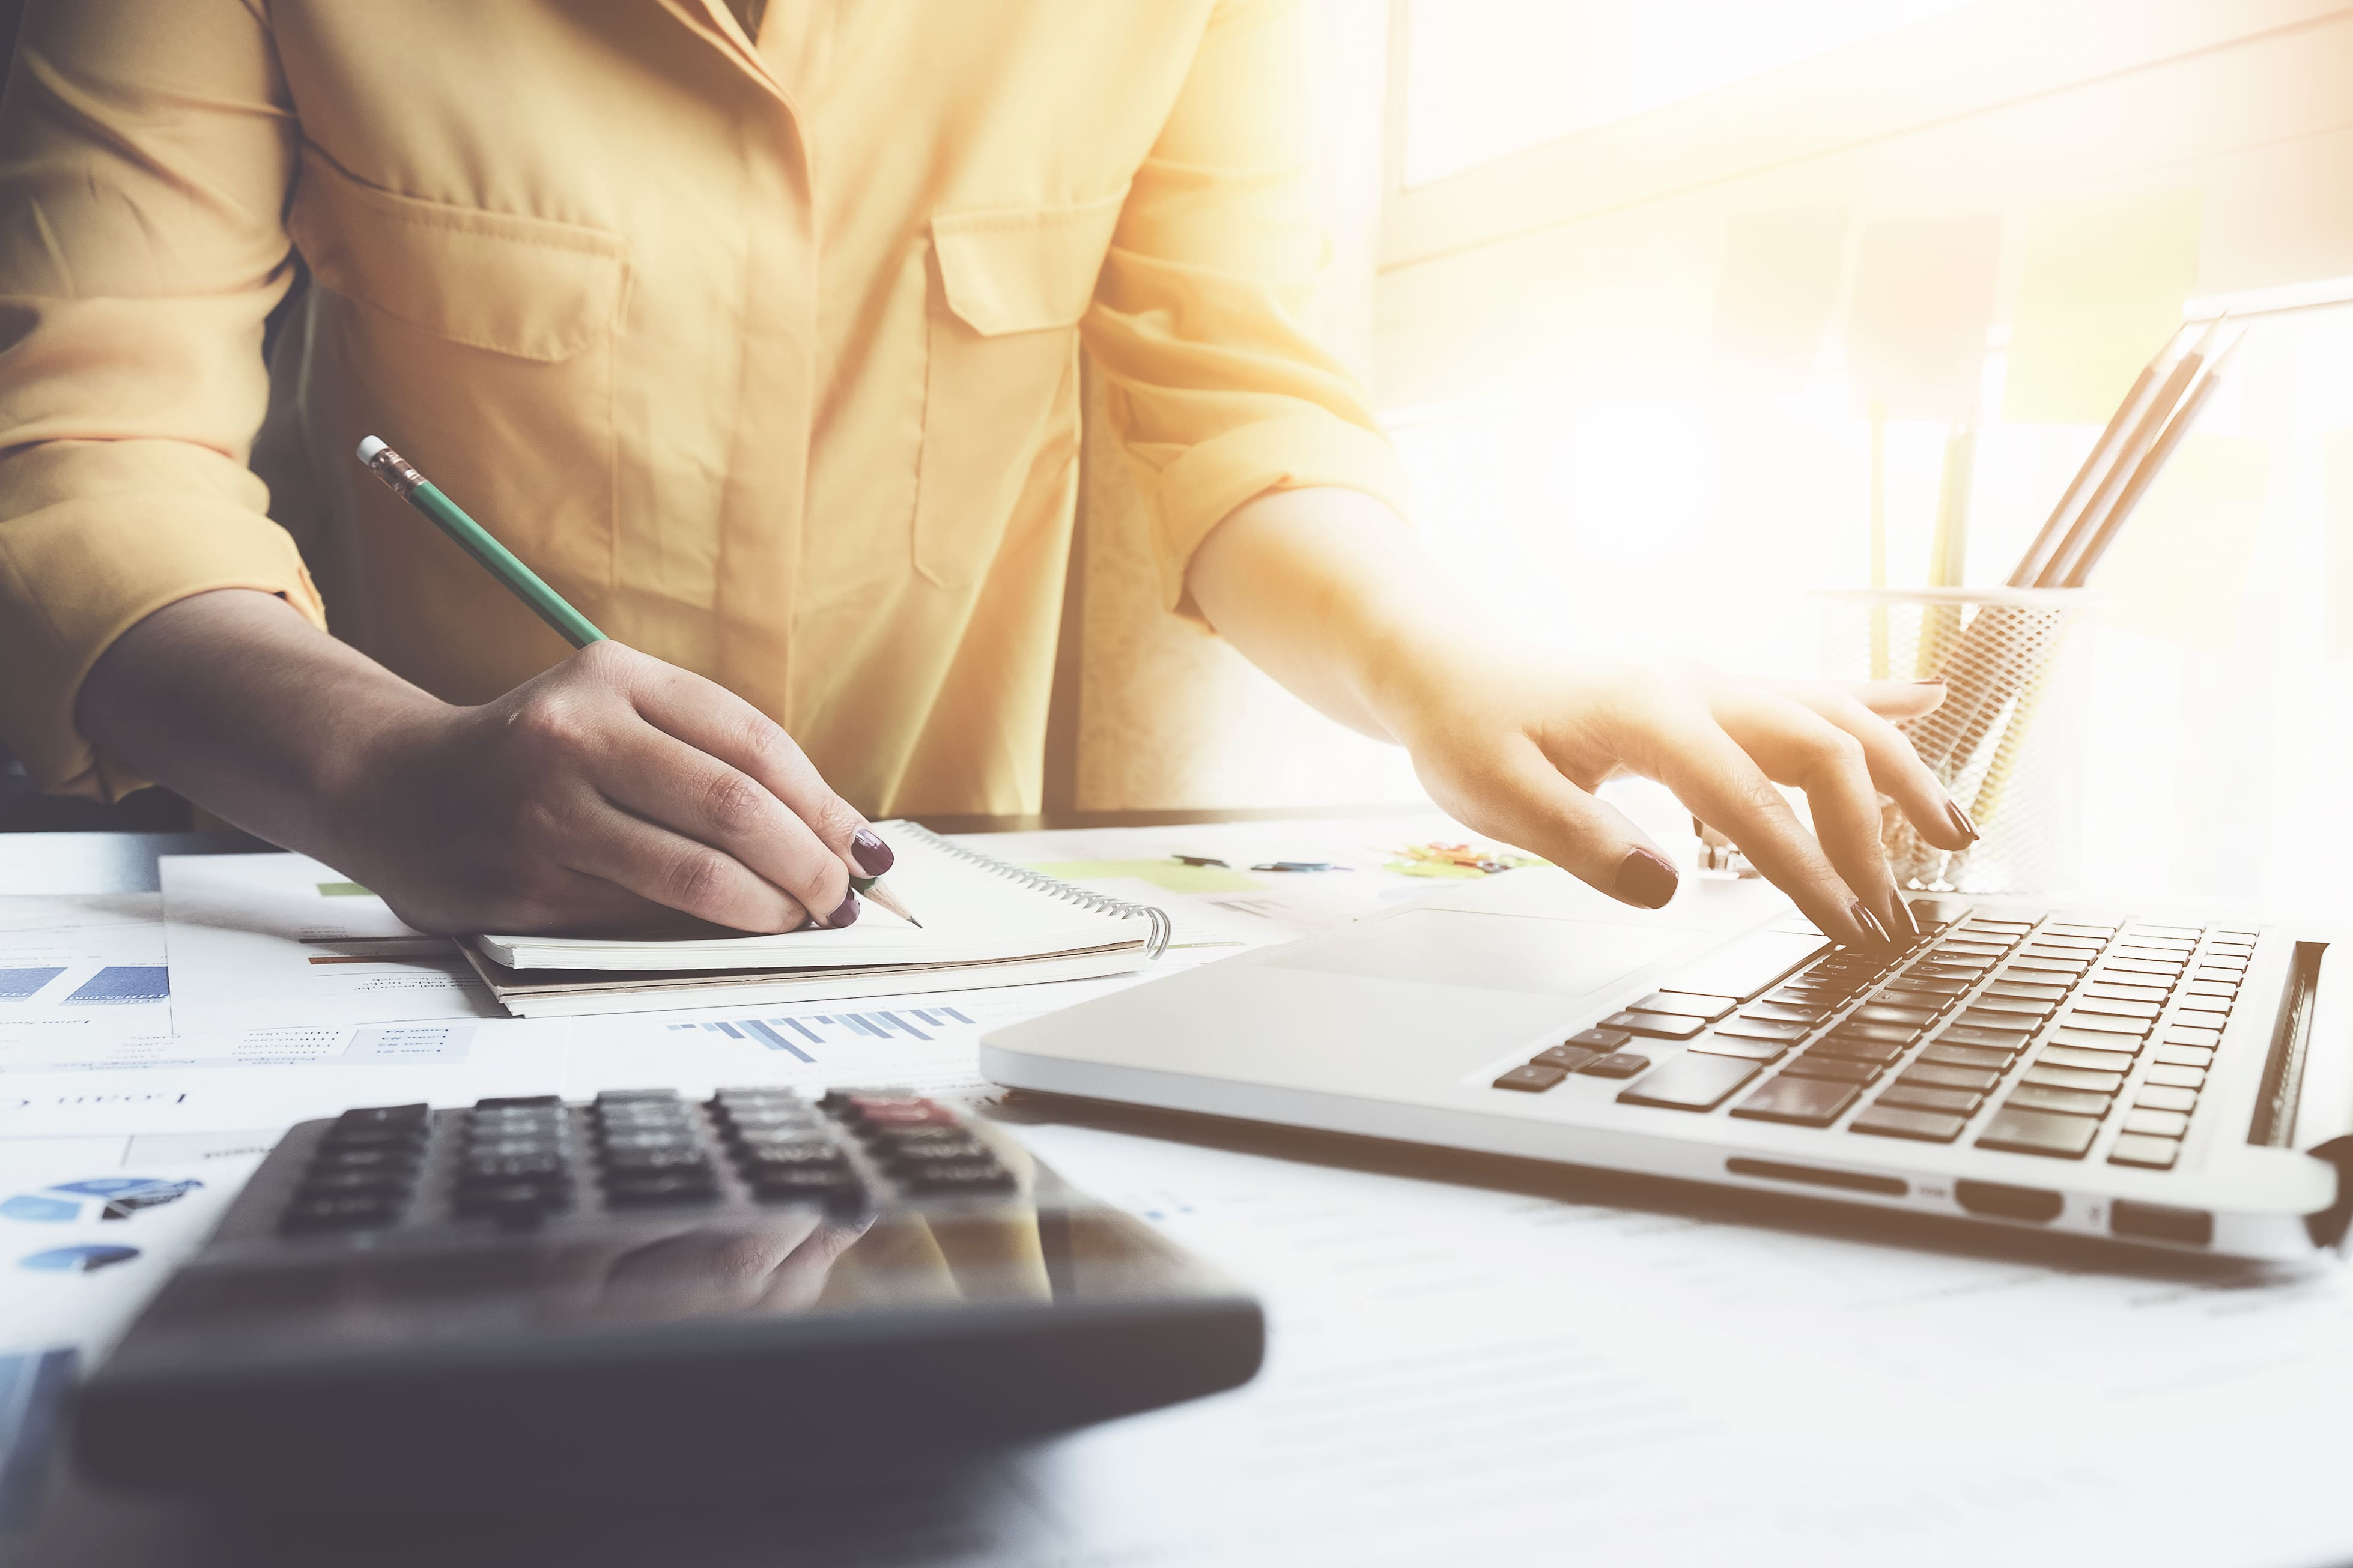 Gewährung des vollen Gewerbesteuerfreibetrags auch bei Wechsel der Steuerschuldnerschaft während des Erhebungszeitraums by CAPSIVERA Steuerberater | Unternehmensberater